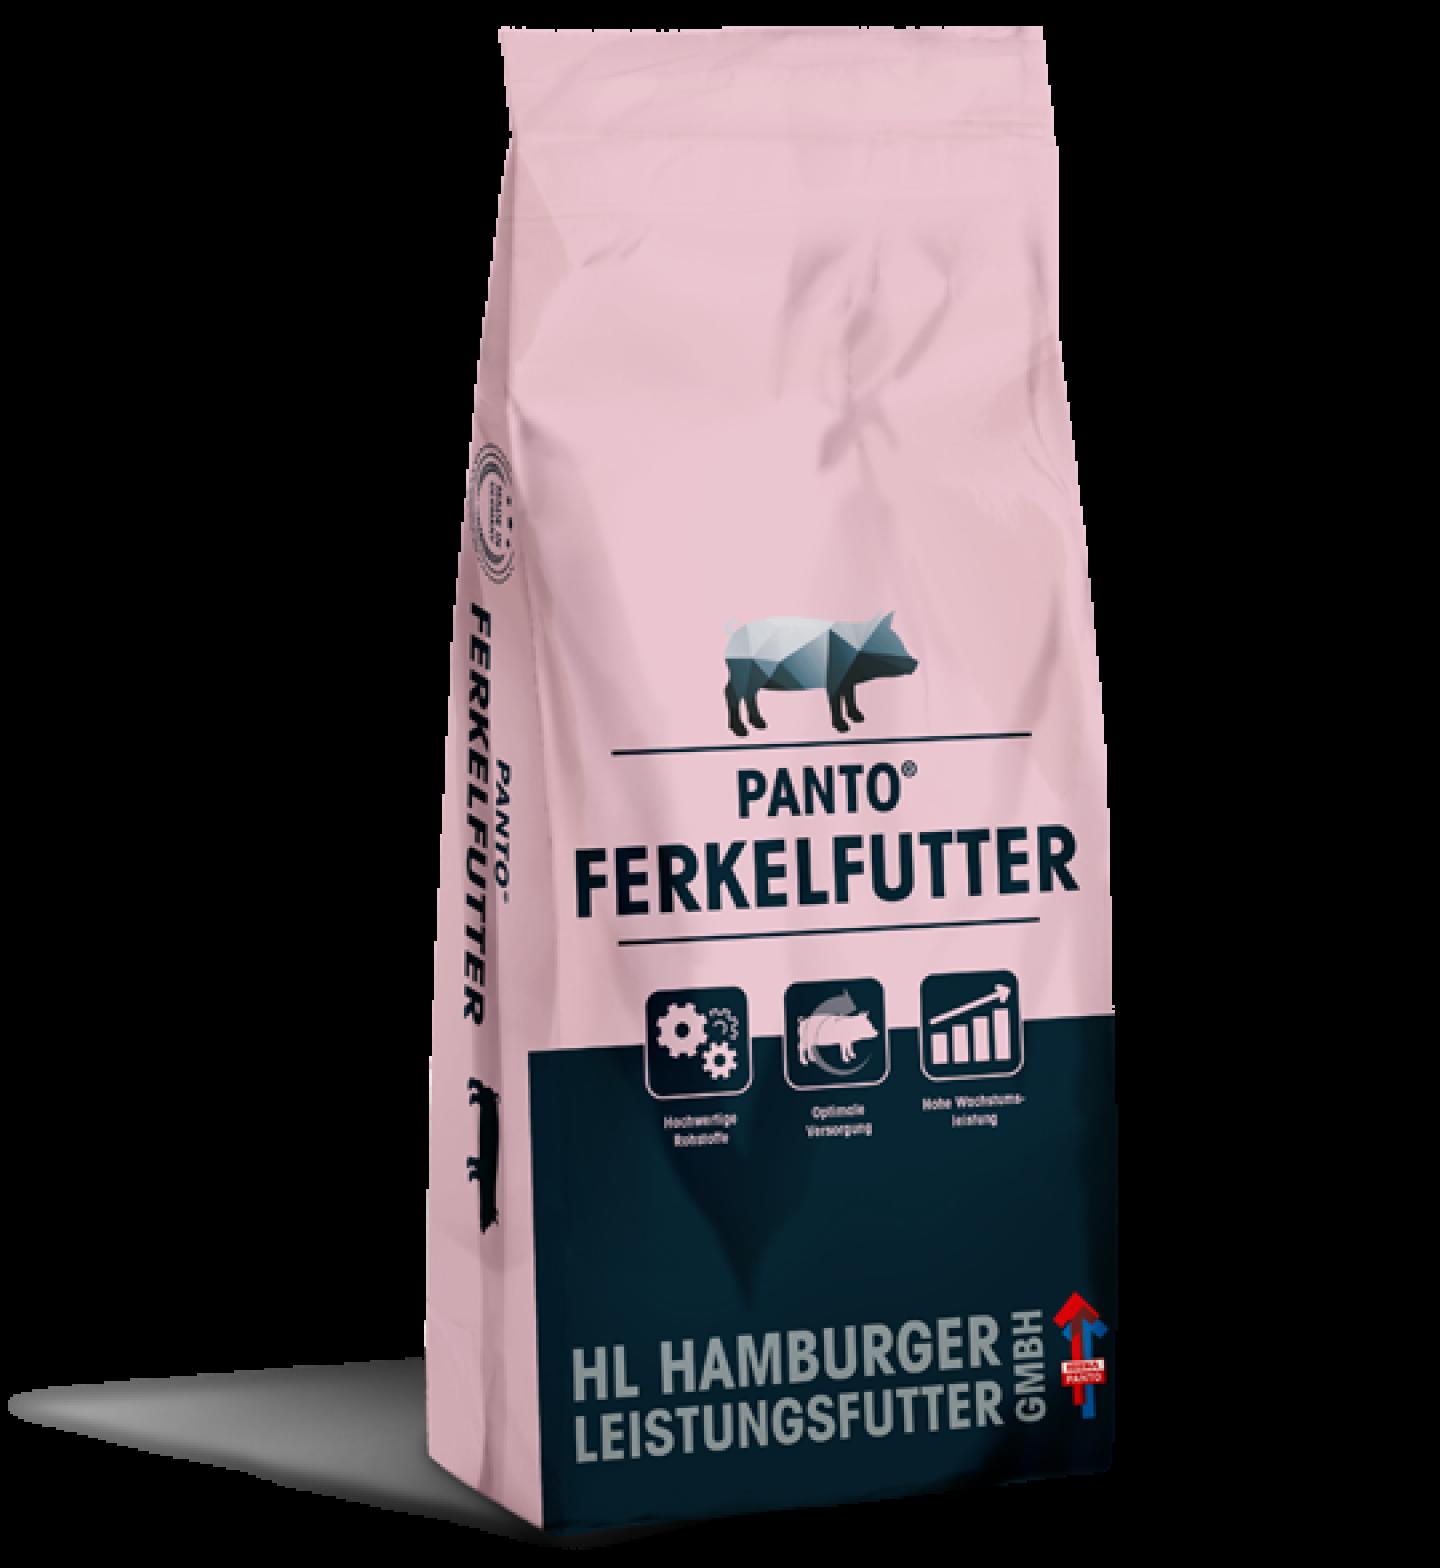 hl-hamburger-leistungsfutter_panto_ferkelfutter